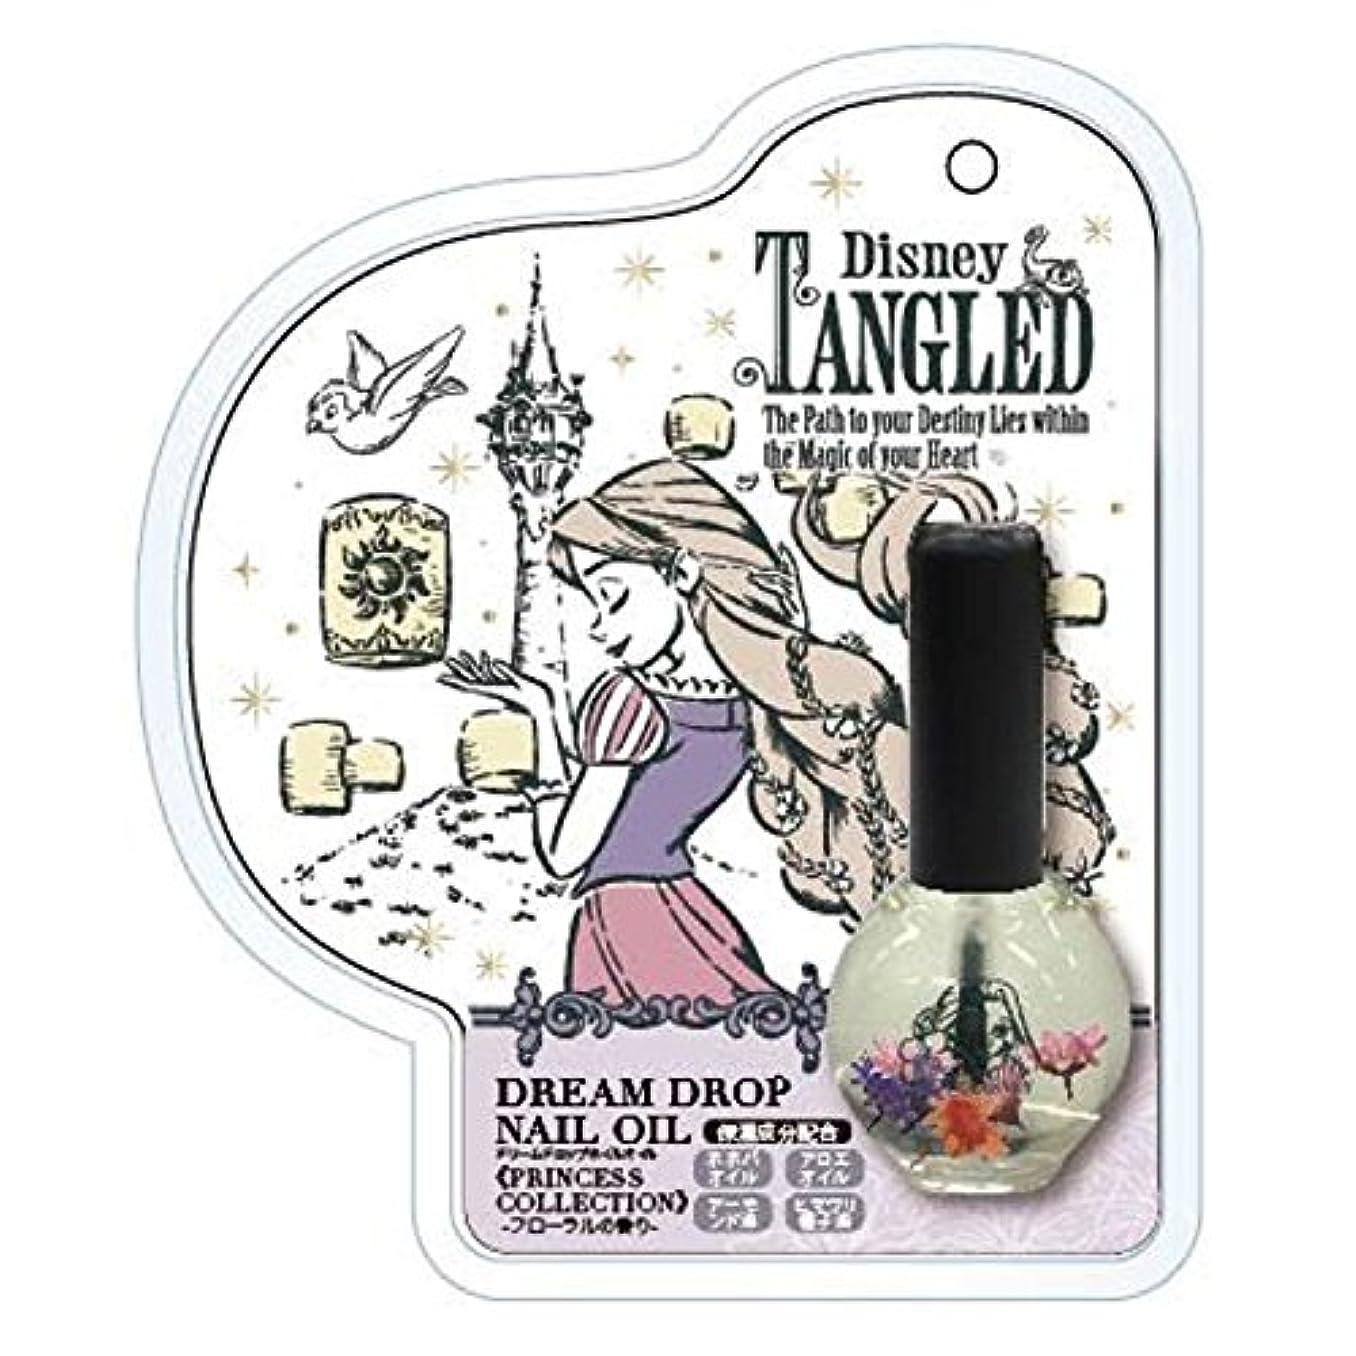 アレイ扇動フィヨルドSHO-BI(ショービ) ドリームドロップネイルオイル プリンセスコレクション ラプンツェル-フローラルの香り-DN04751